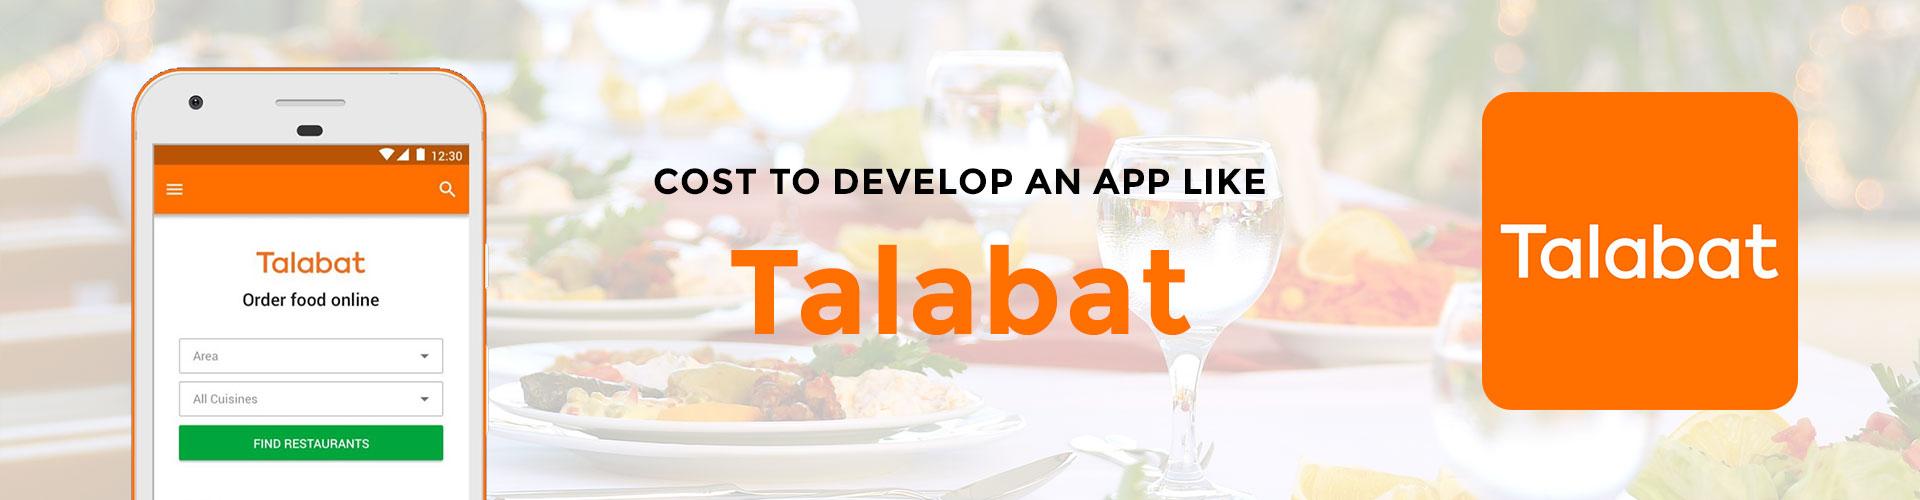 talabat app development